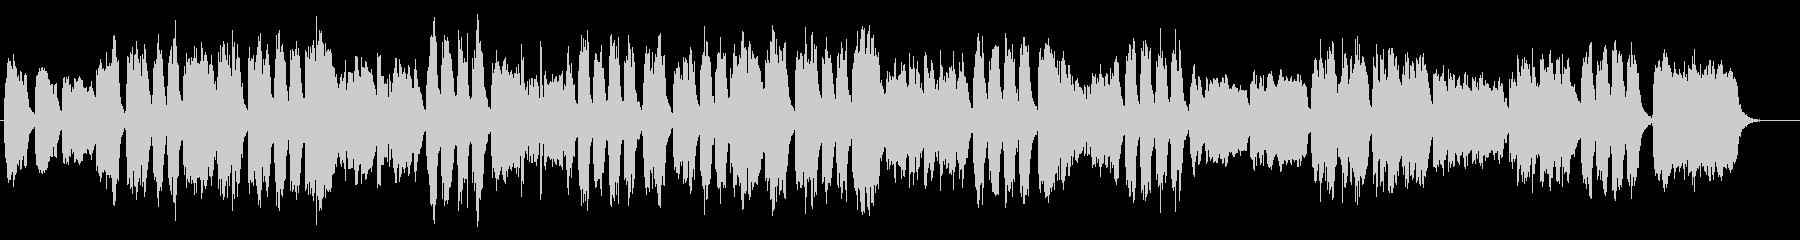 クラシック ハレルヤ合唱 パイプオルガンの未再生の波形